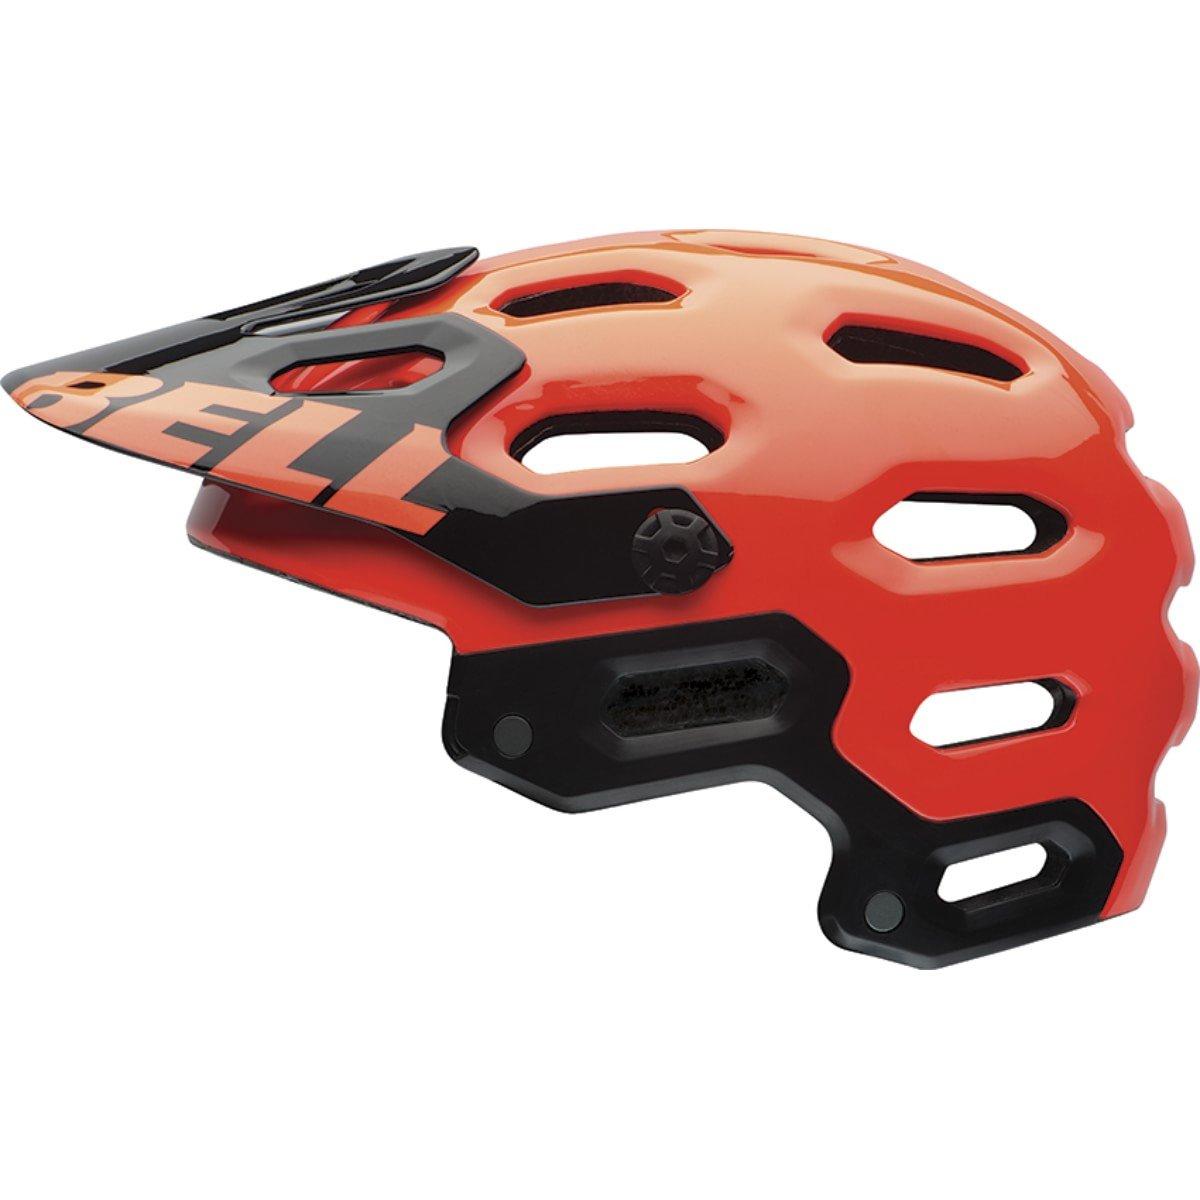 Bell Super 2 MTB Helmet Closeout